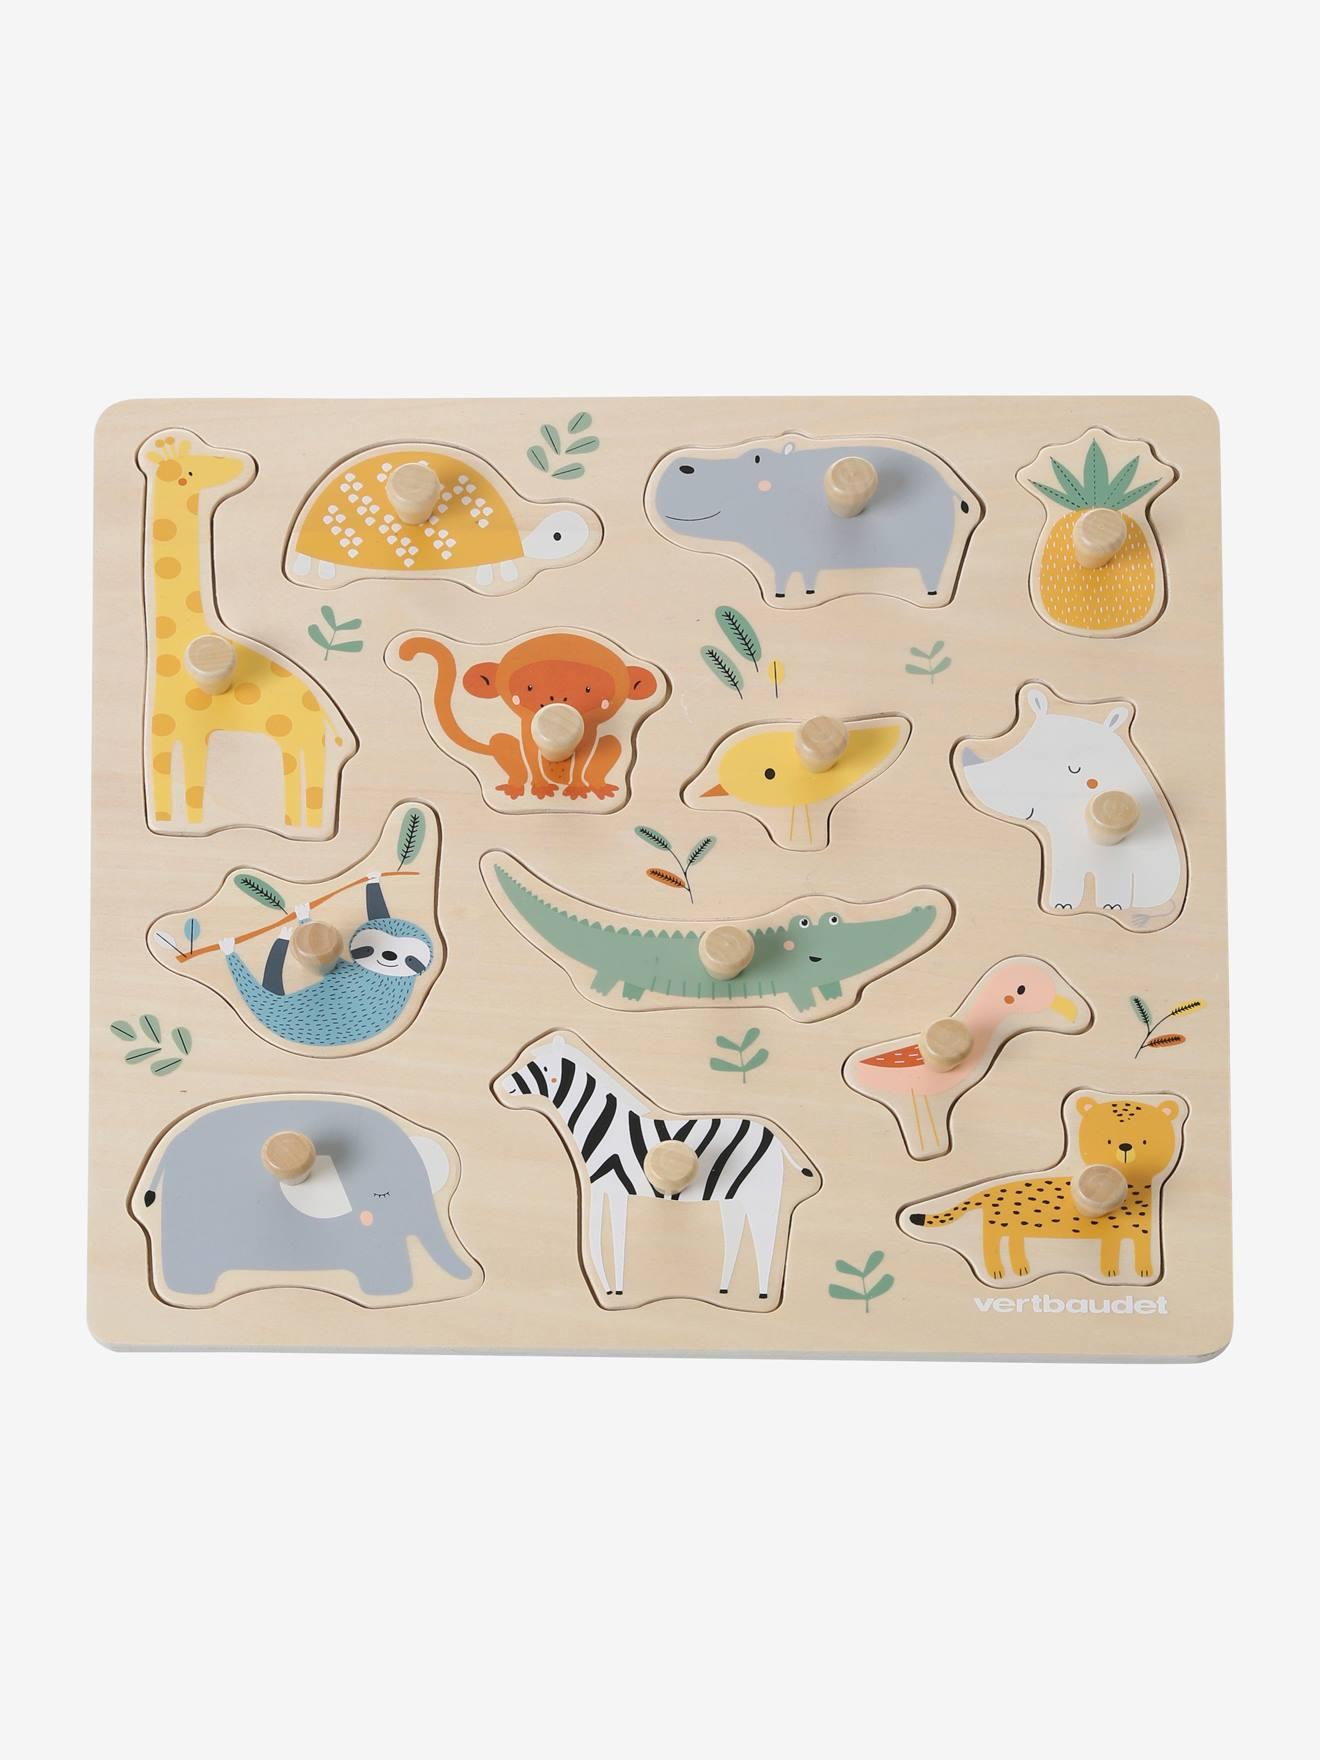 VERTBAUDET Puzzle con botones Selva no color